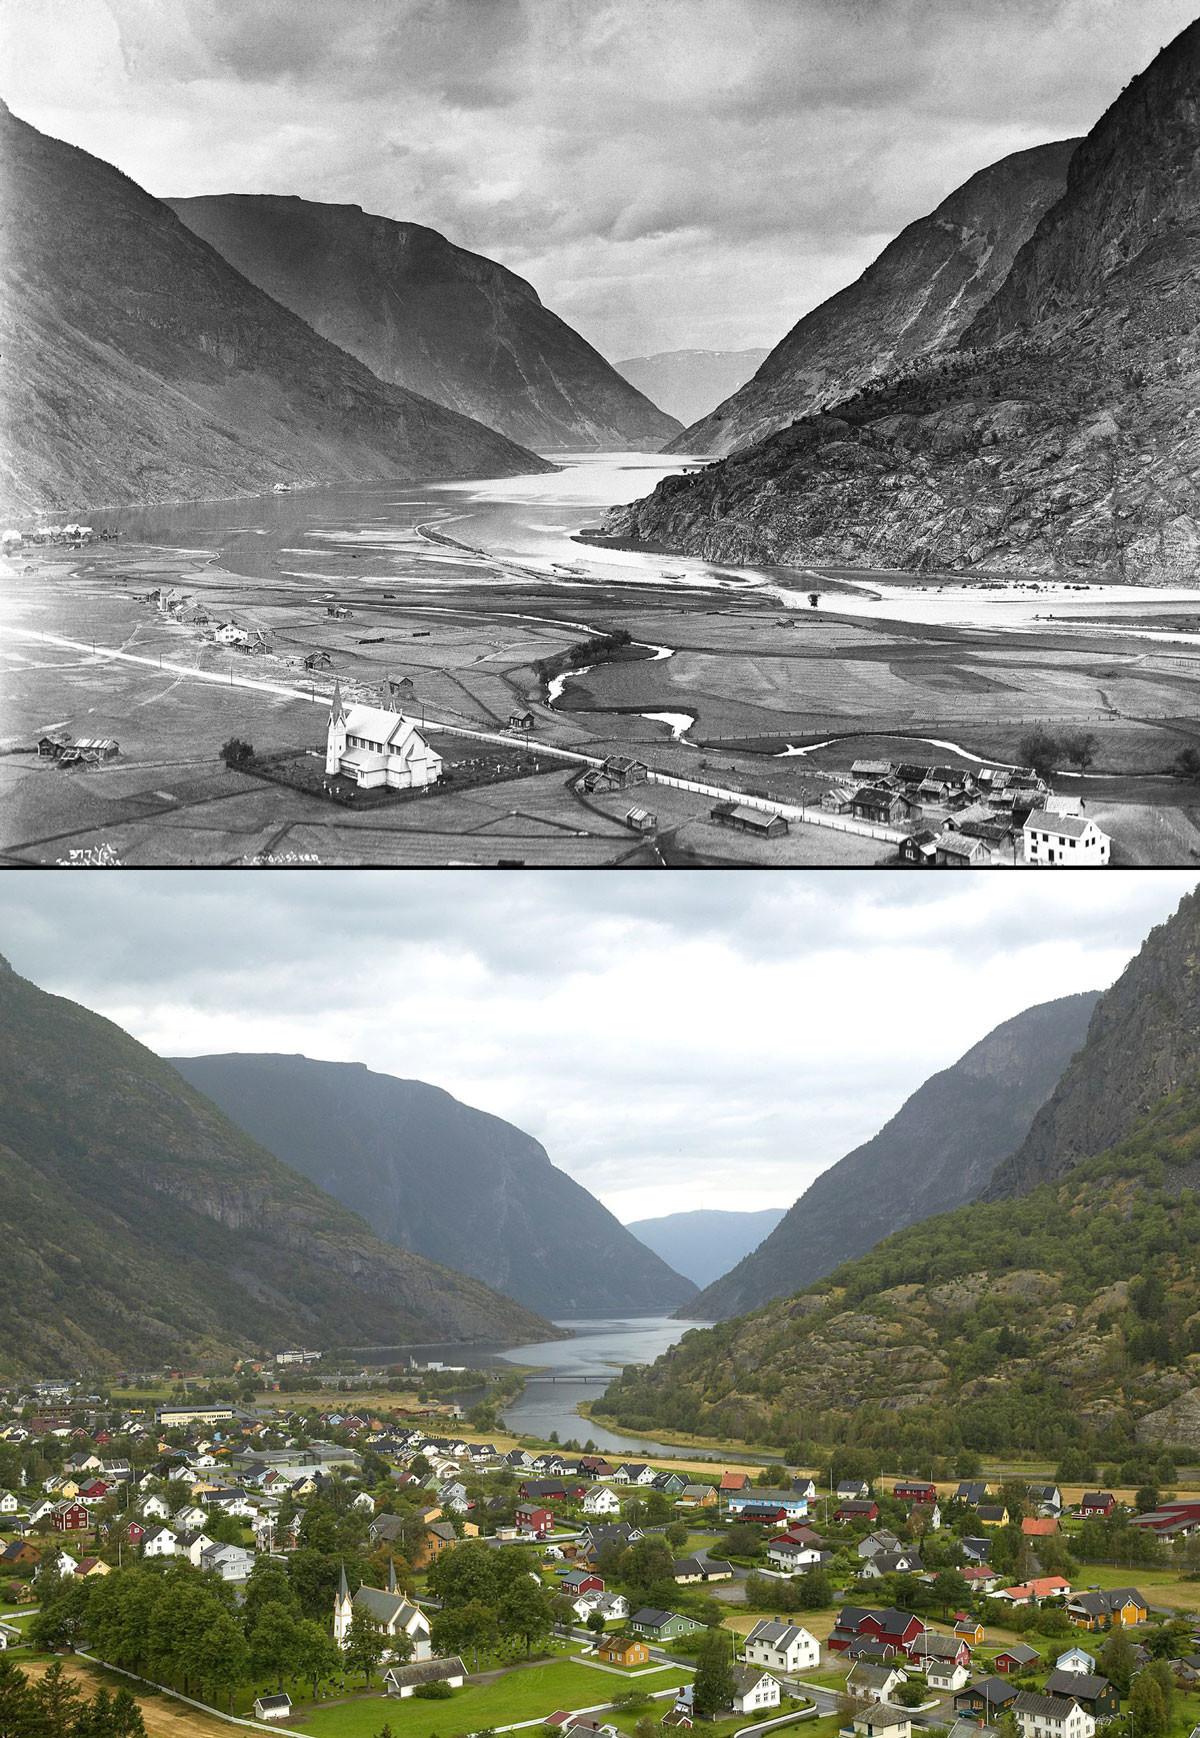 Noruega antes e após o petróleo: a transformação do país em imagens 05